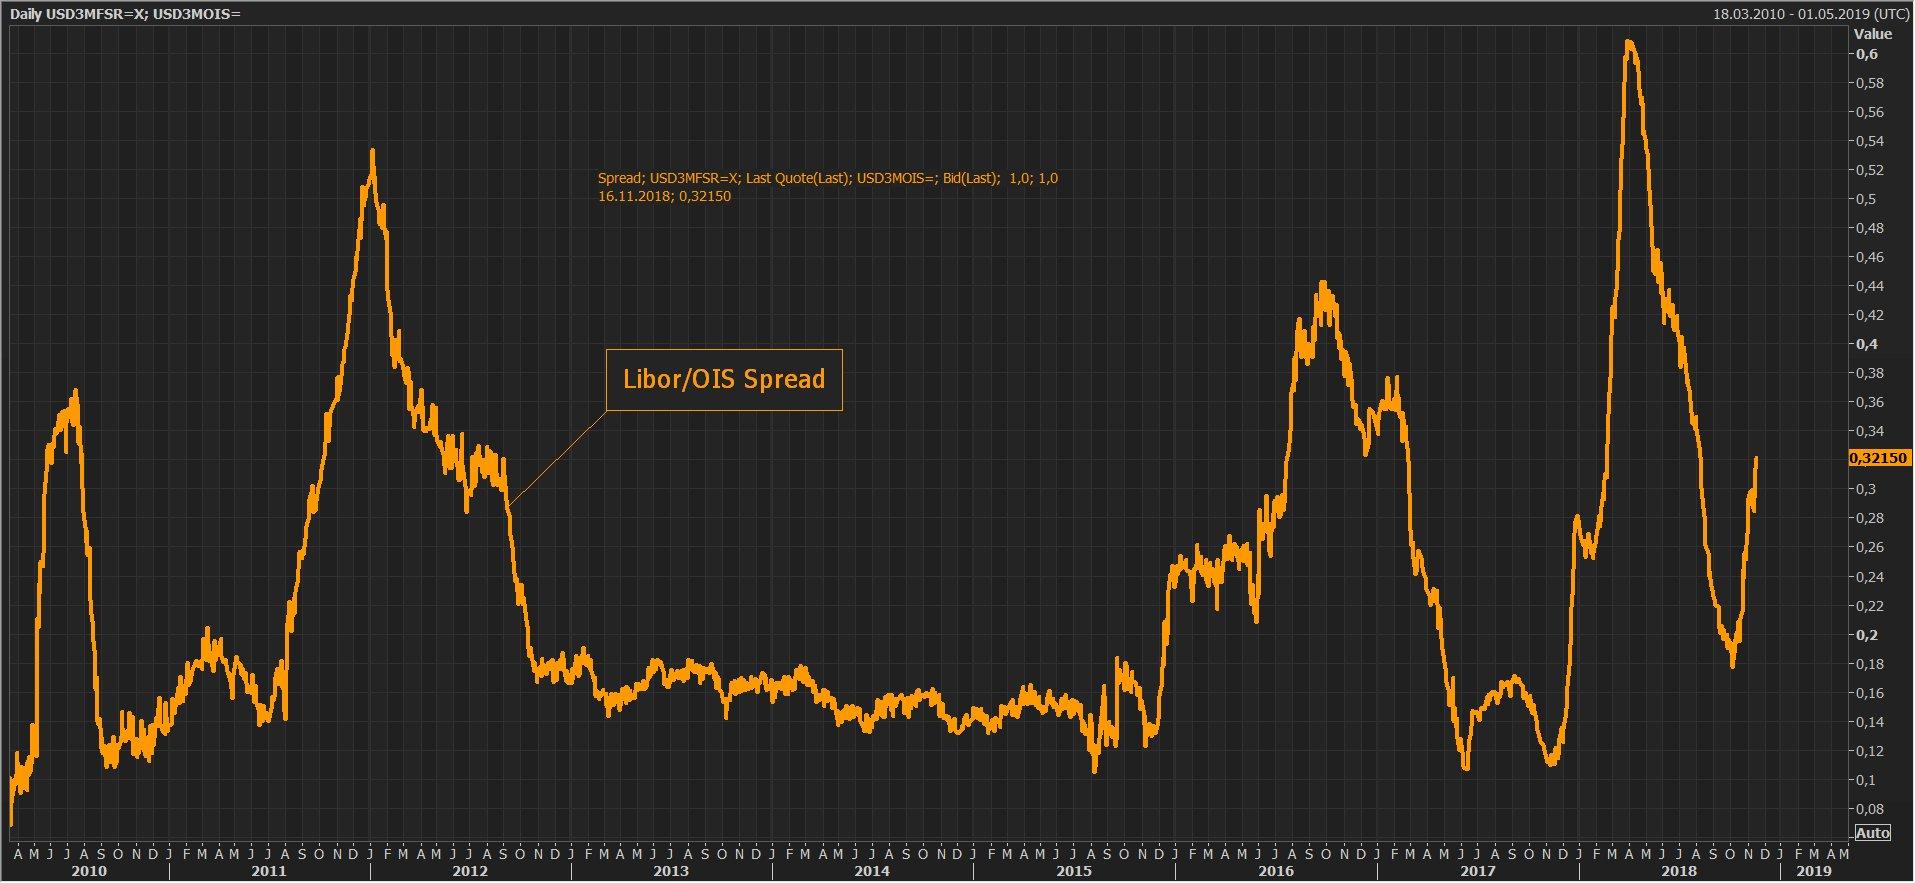 Oups ! Le Spread Libor-OIS vient de franchir à la hausse le seuil des 32 points de base. Une crise couve-t-elle sur le marché interbancaire ?